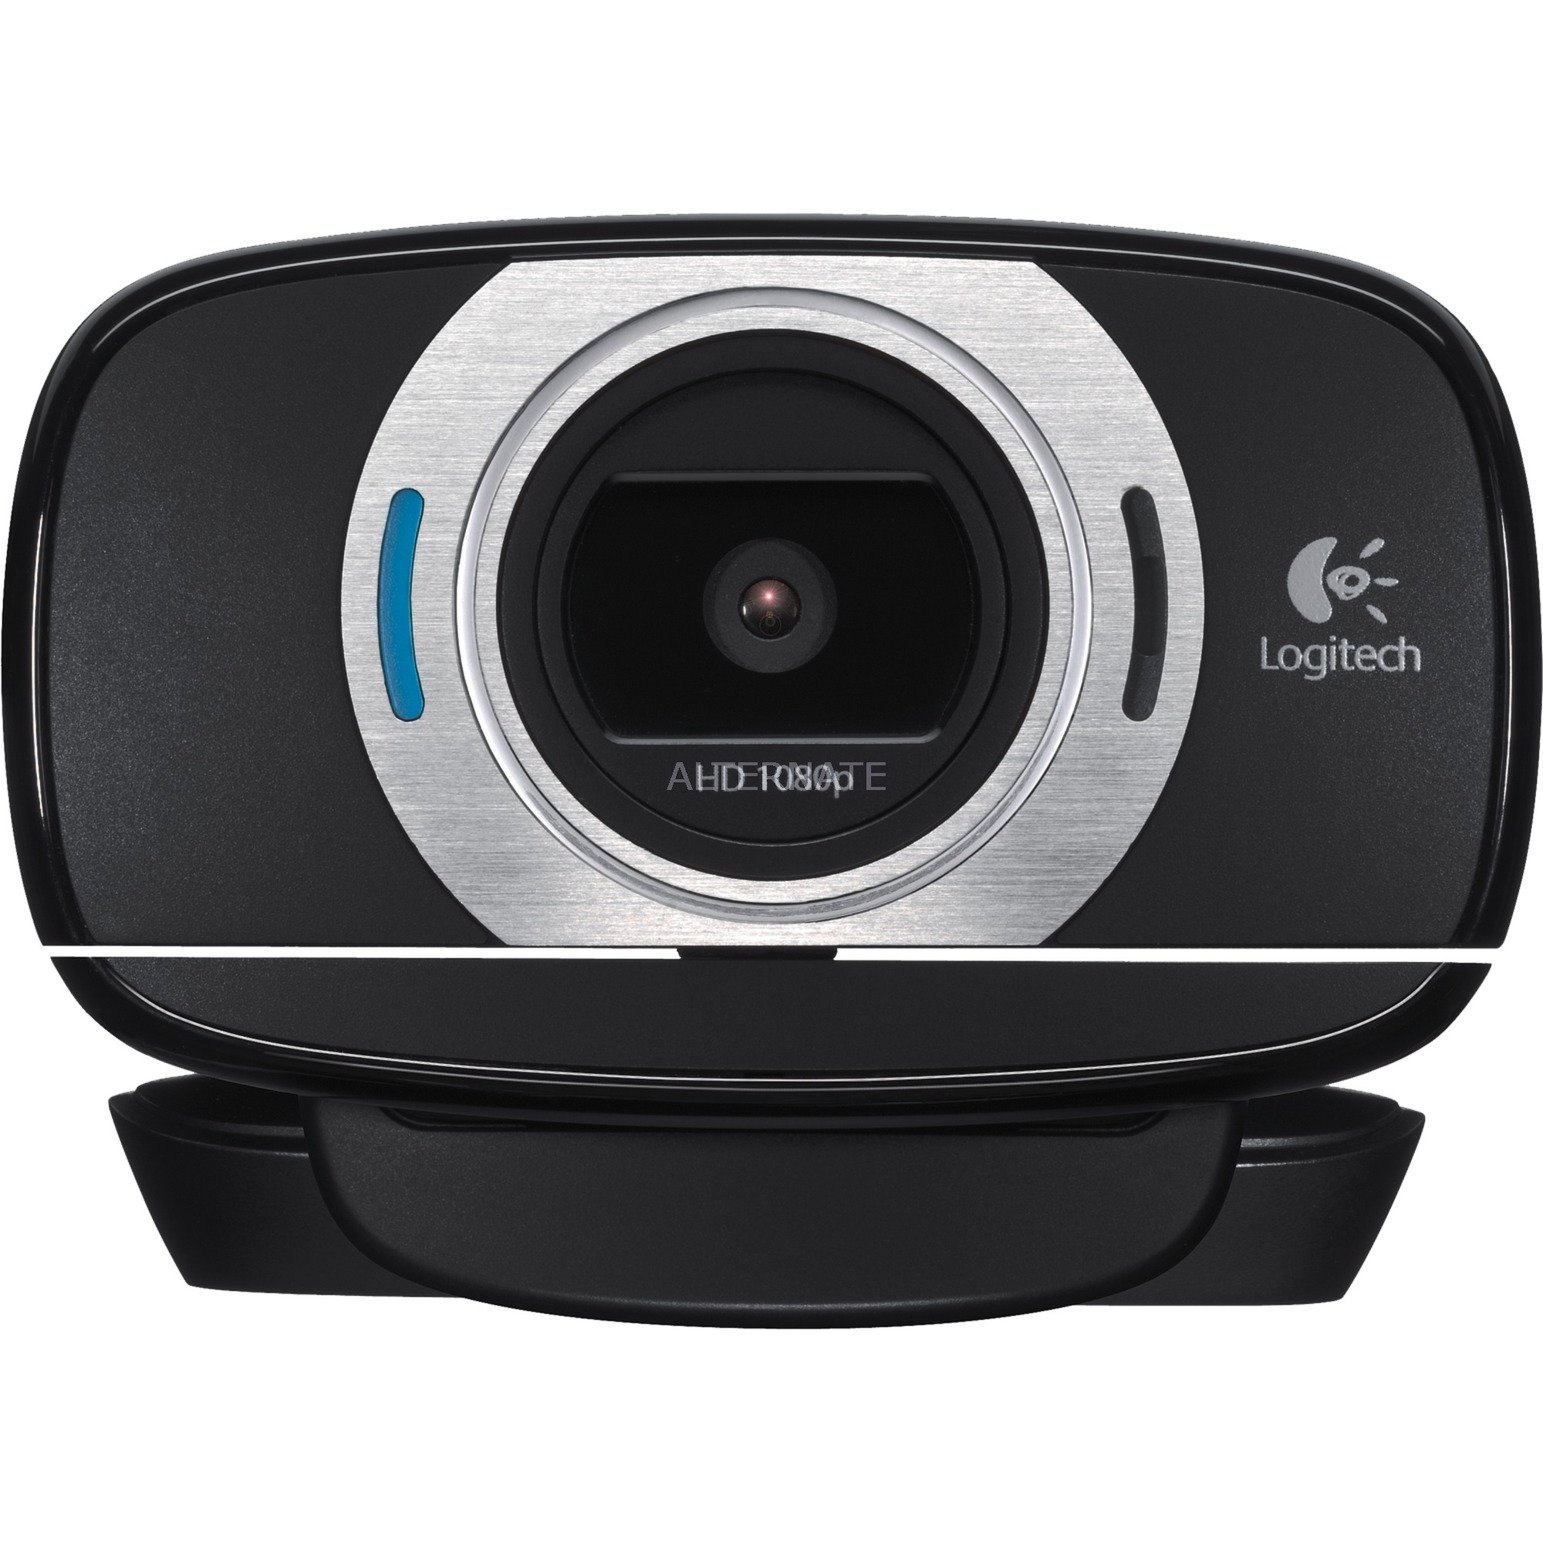 C615 cámara web 8 MP 1920 x 1080 Pixeles USB 2.0 Negro, Webcam